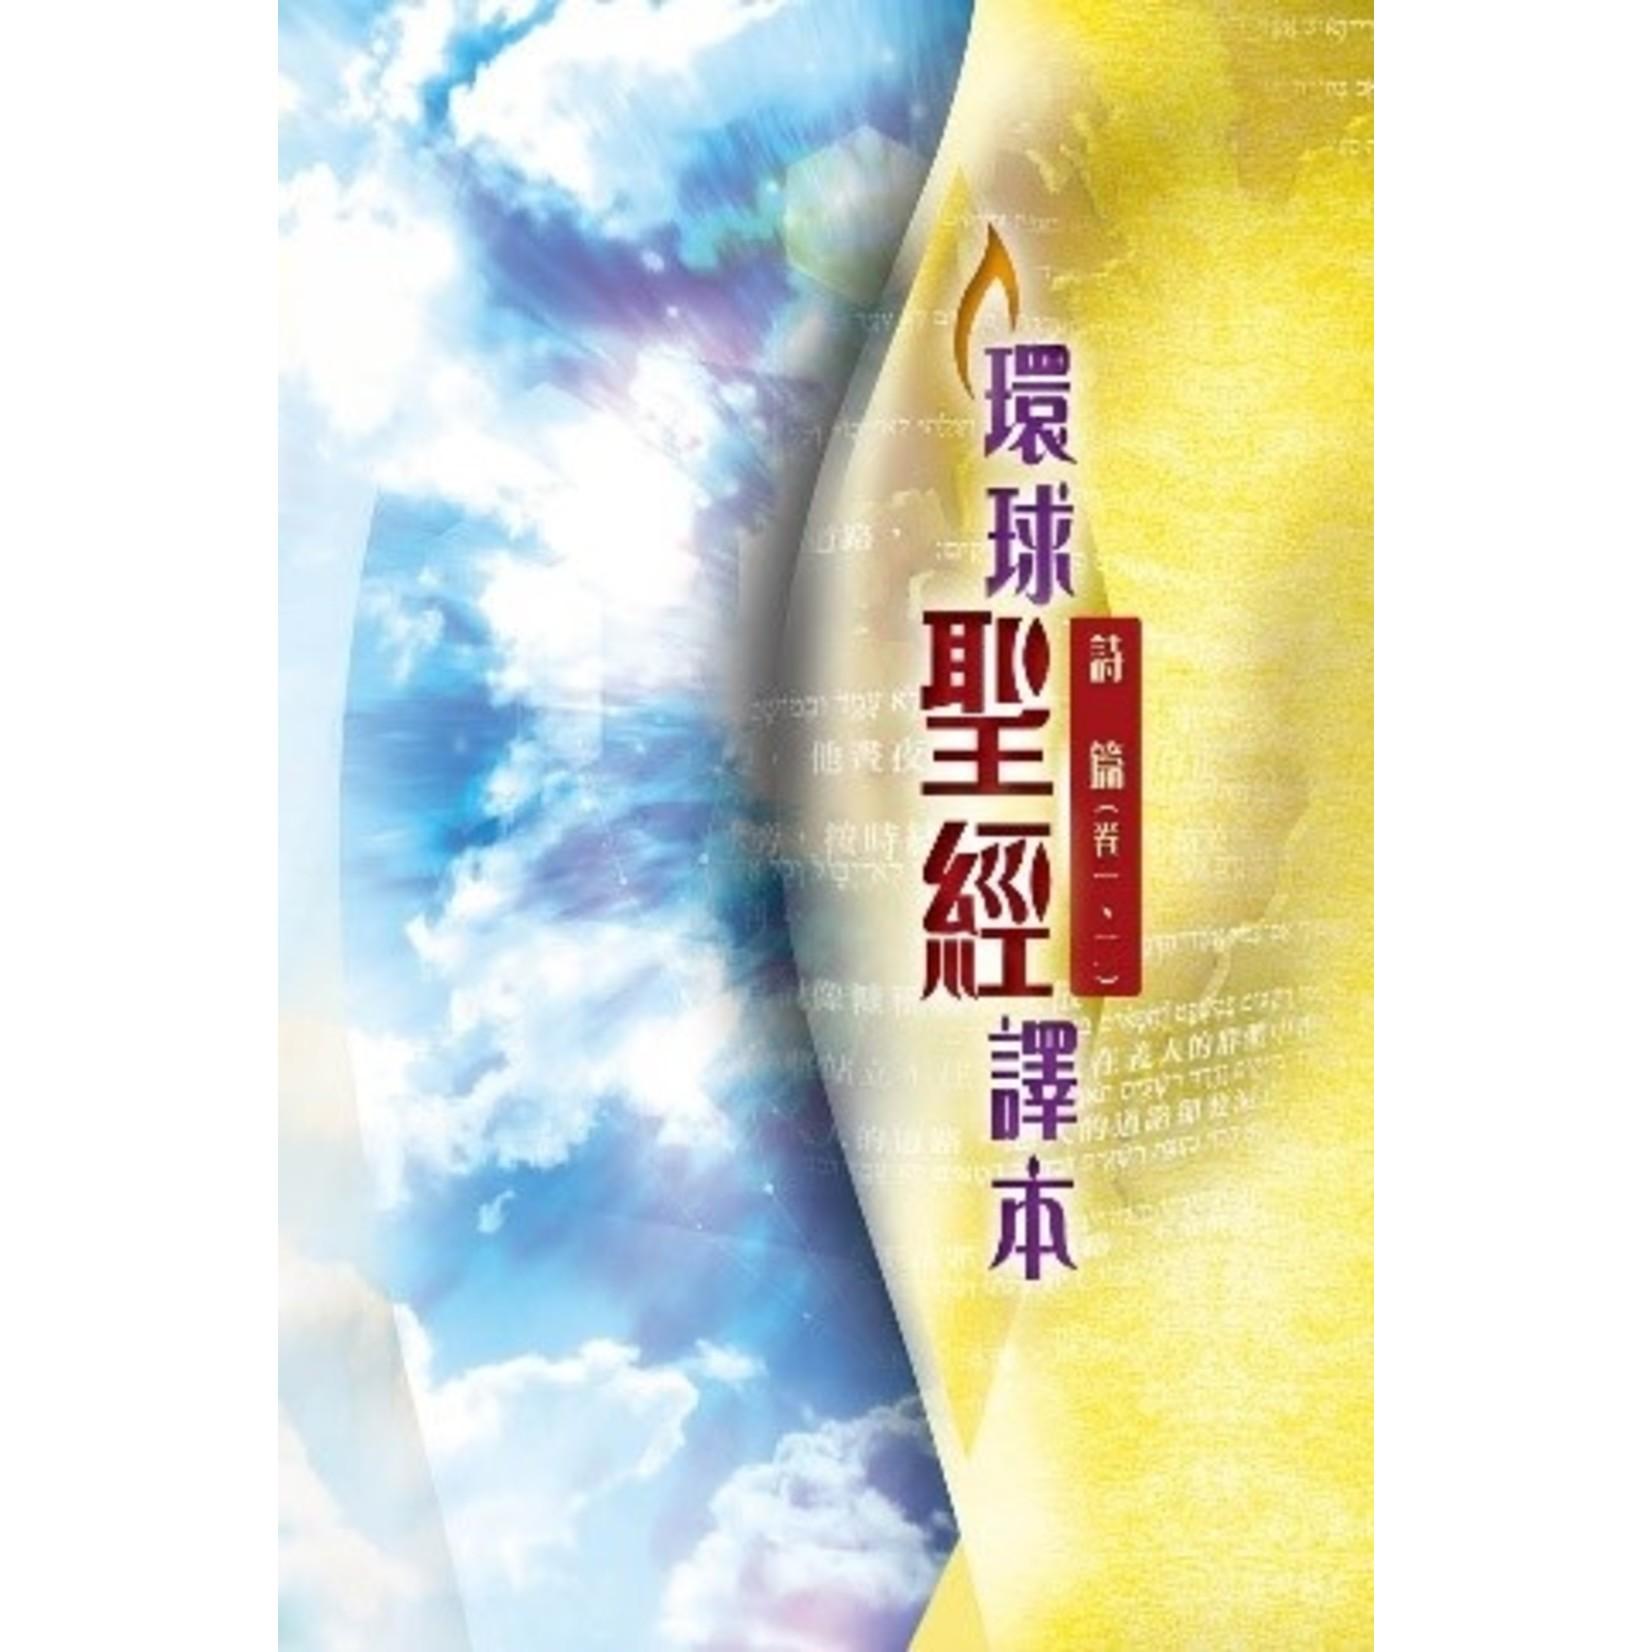 環球聖經公會 The Worldwide Bible Society 聖經.詩篇(卷一、二):環球聖經譯本(繁體.神字版)